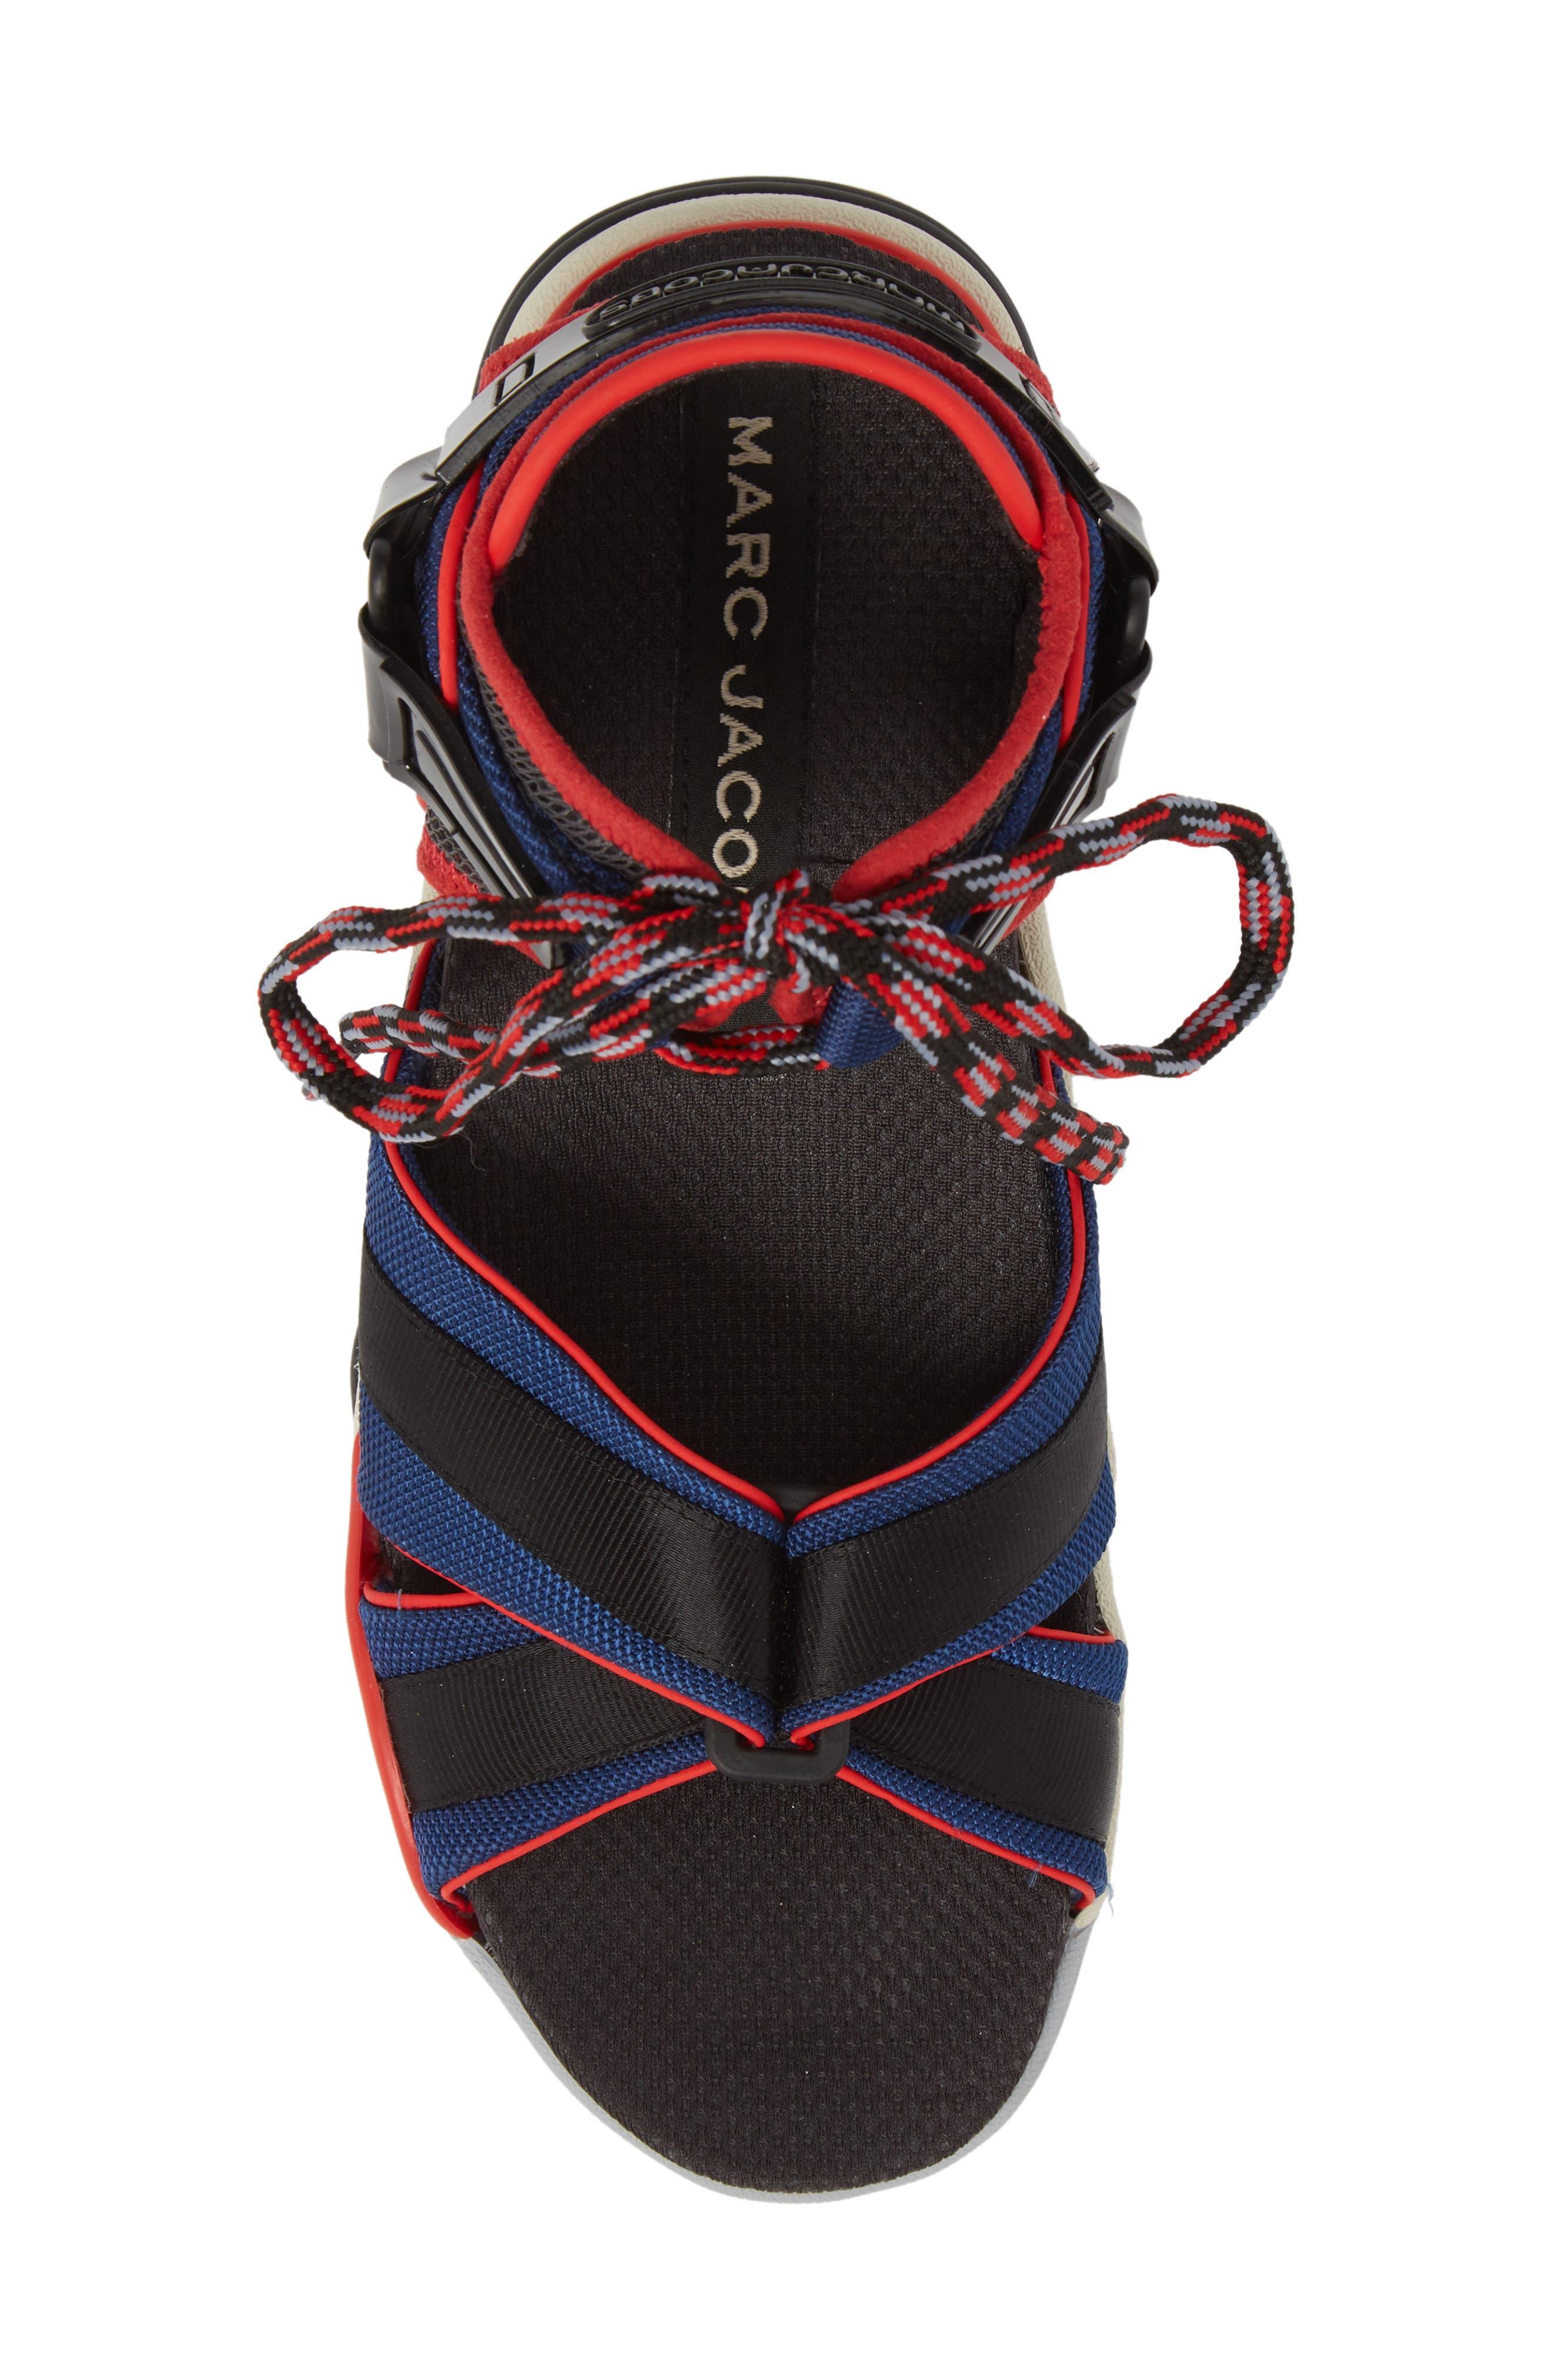 Somewhere Sport Sandal,                             Alternate thumbnail 5, color,                             Red Multi